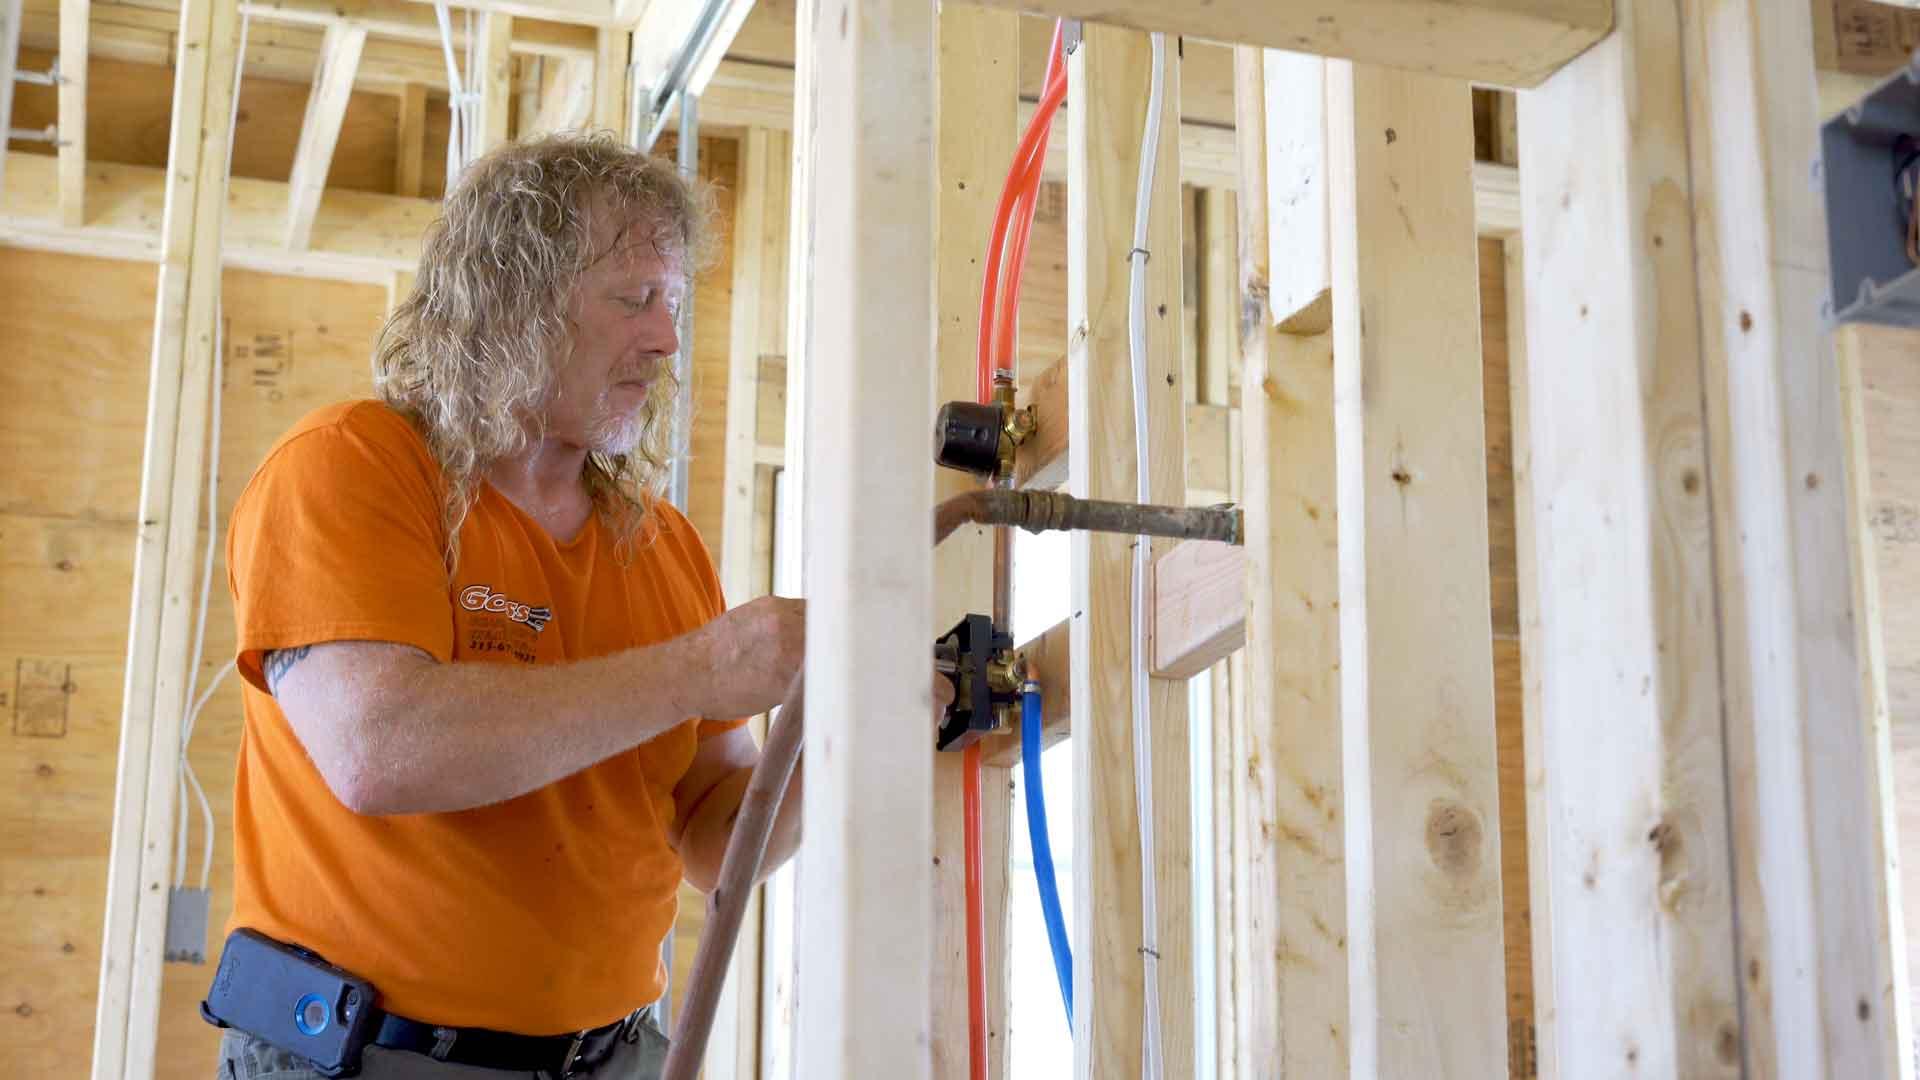 Goss Plumbing And Heating Master Plumbing 215 675 8925